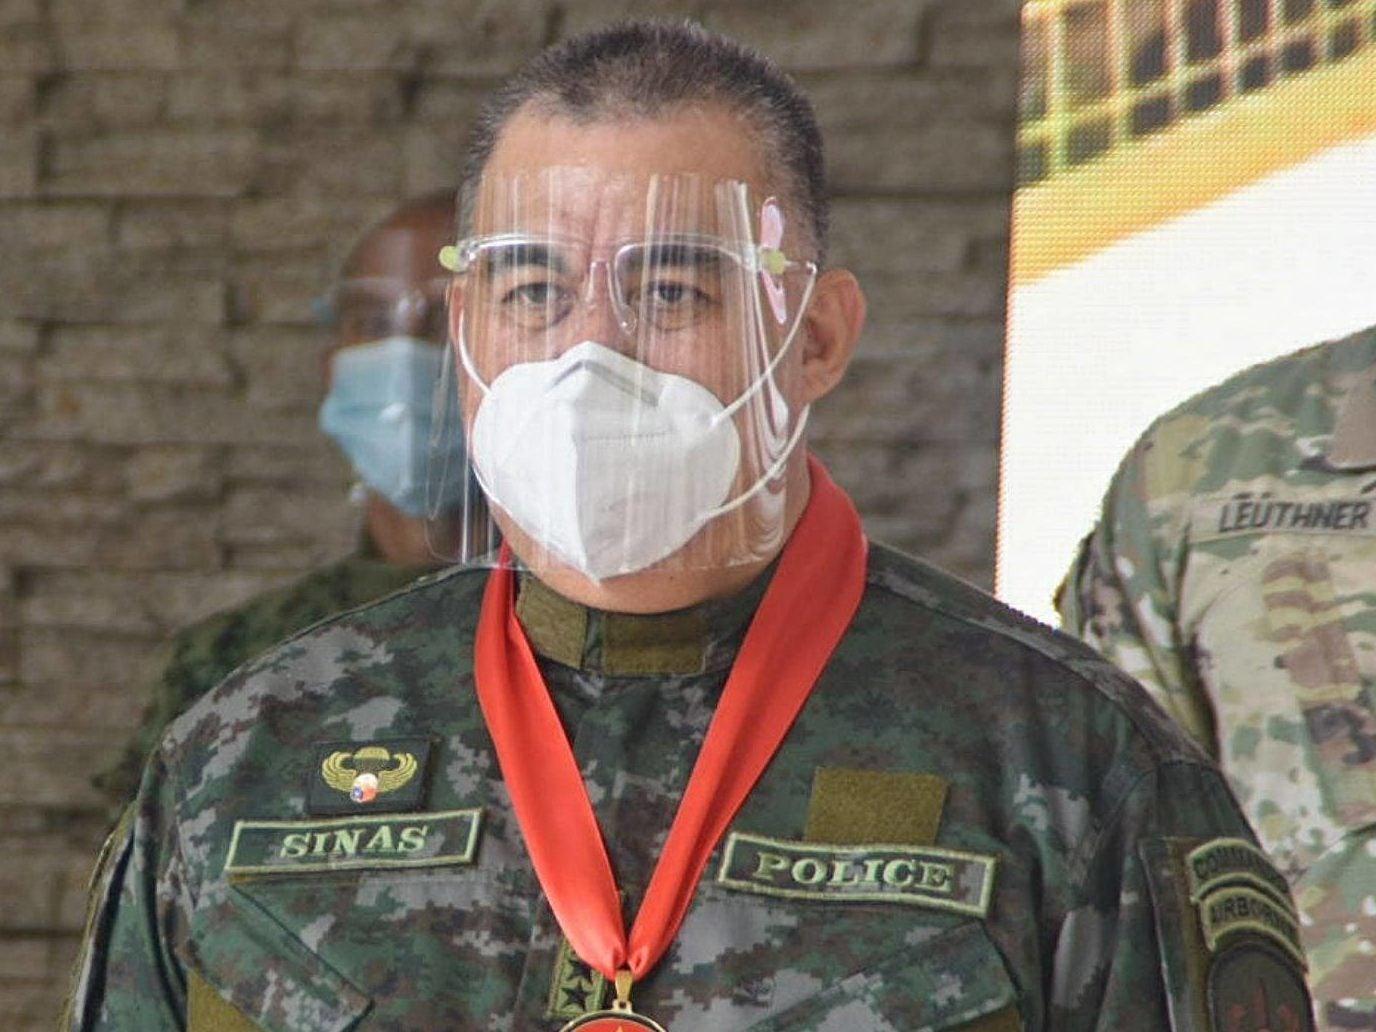 PNP chief Debold SInas